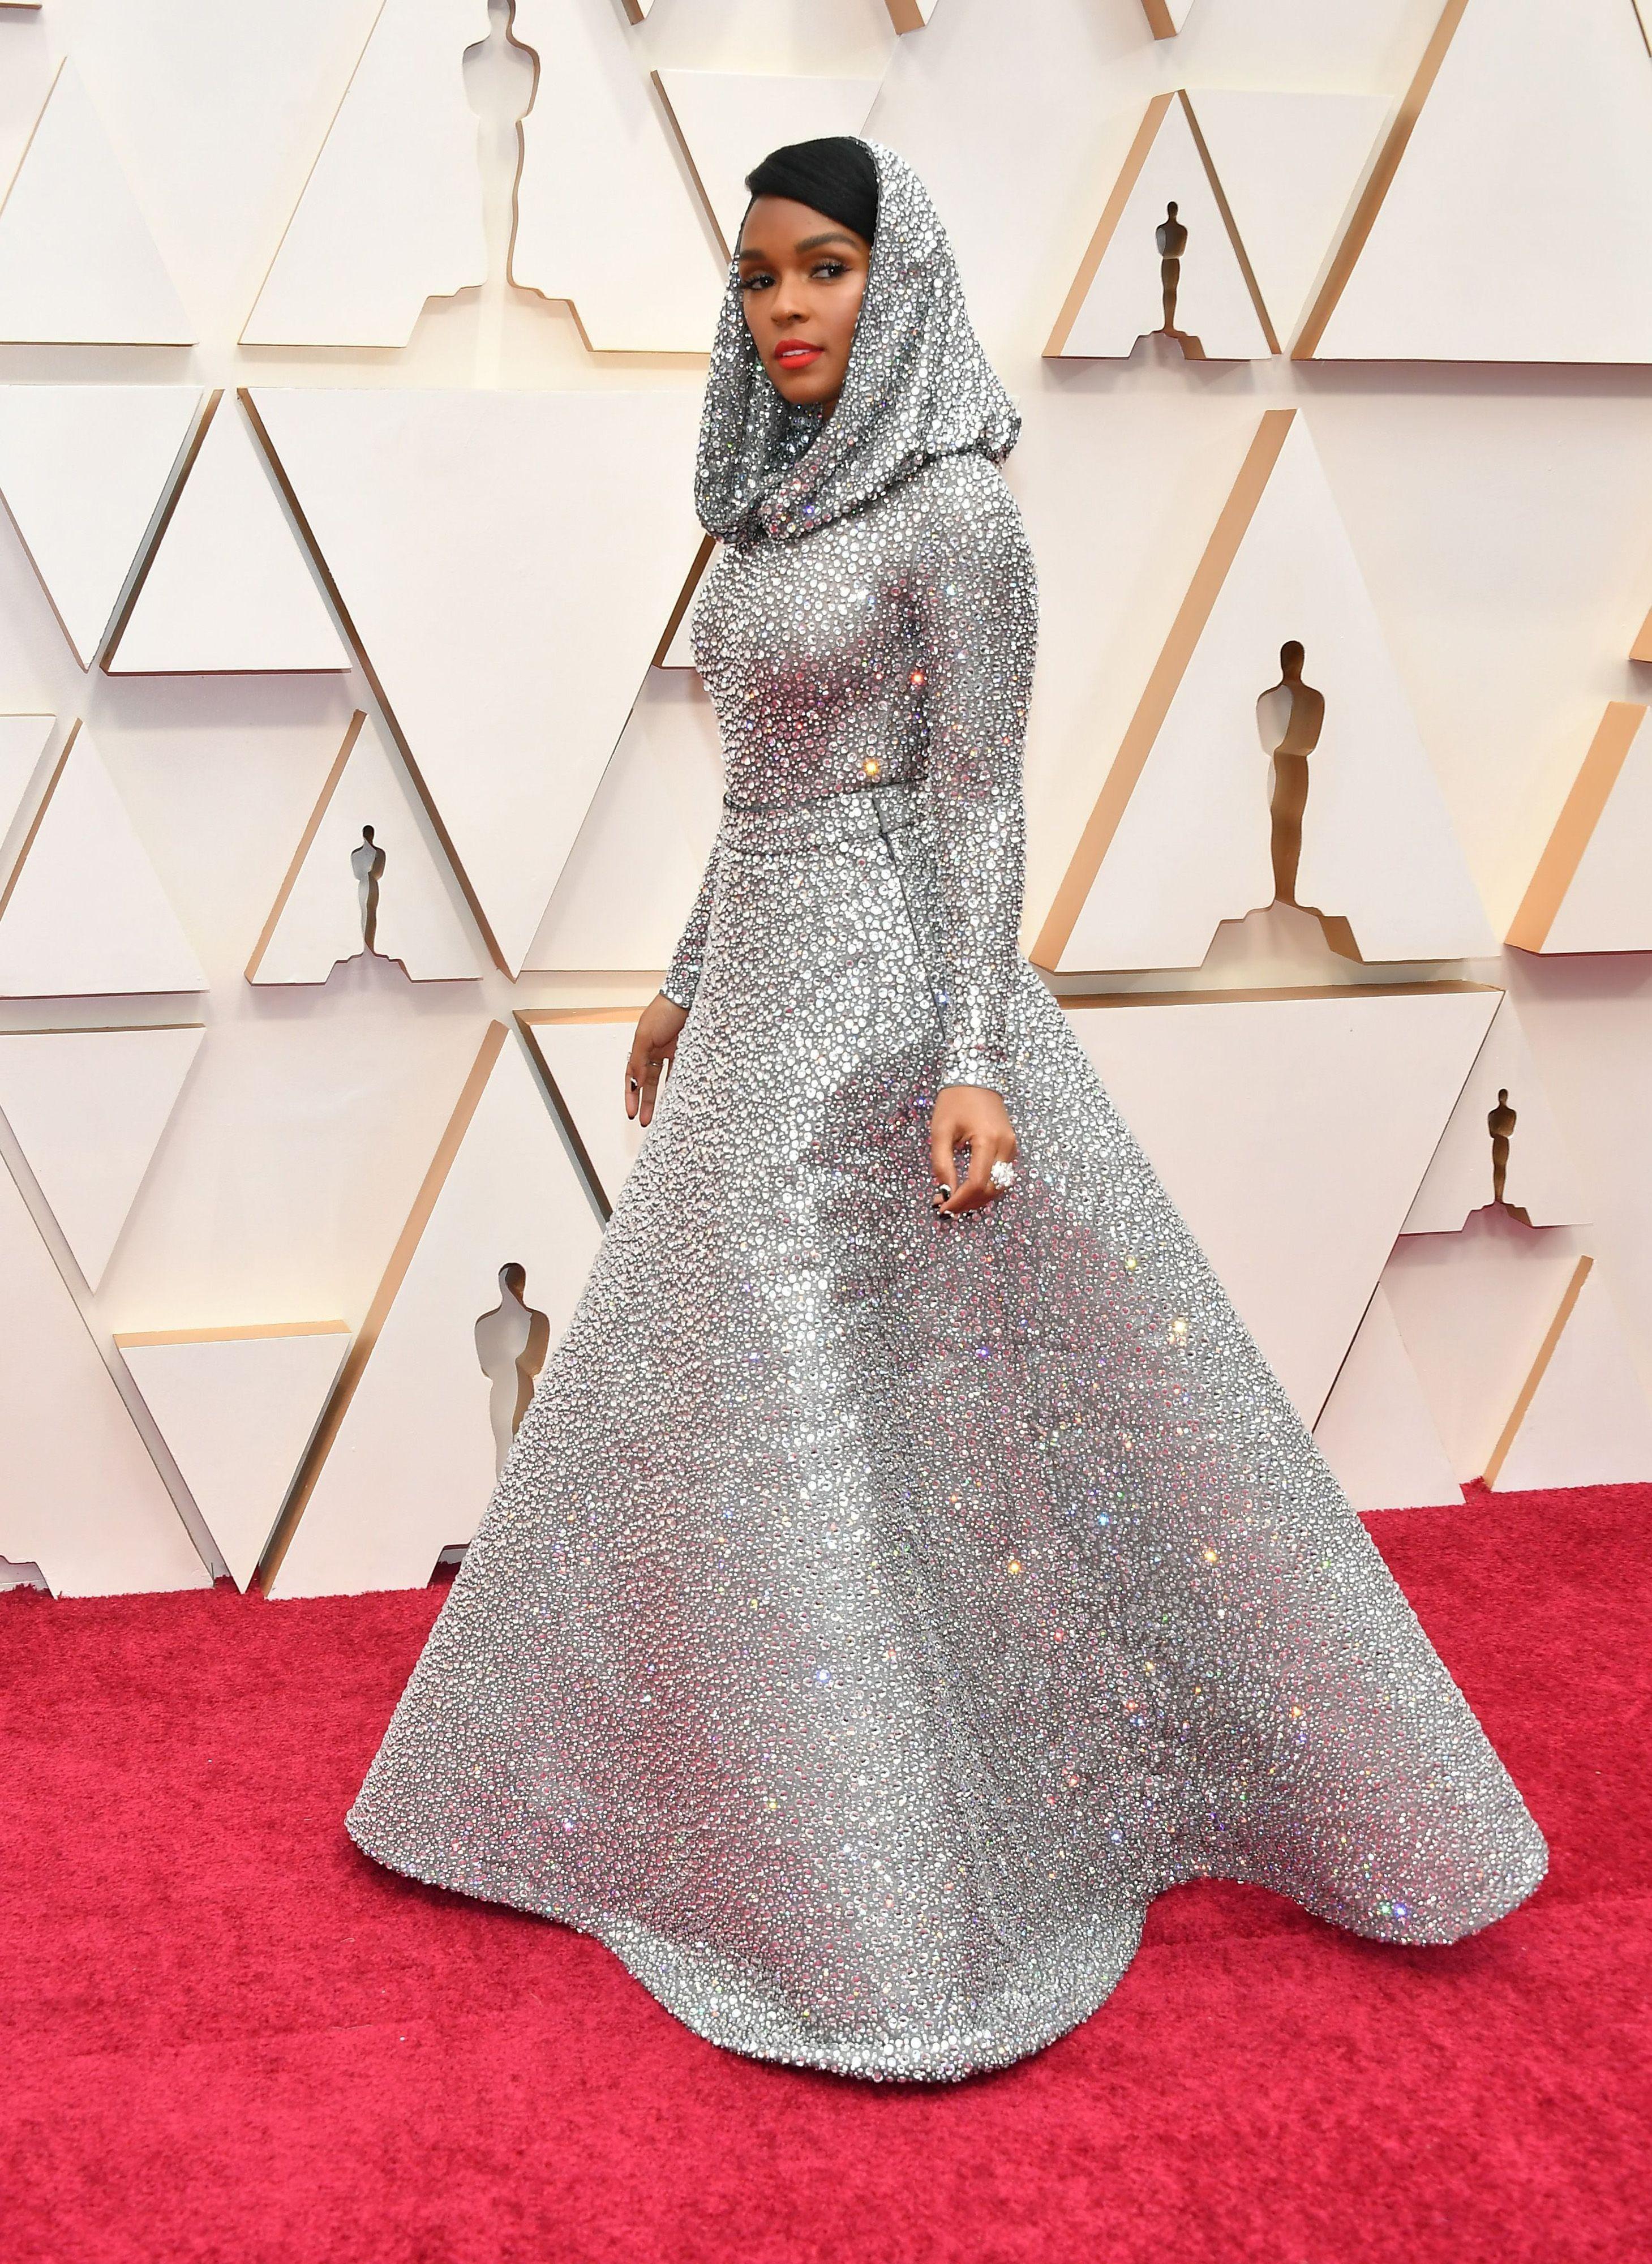 Джанел Мона в Ralph Lauren Певицата никога не е влизала в списъка на най-добре облечените, но сегашният й избор ни оставя без думи. Какво ли си е мислил Ралф Лорън и дали първоначалният замисъл отговаря на резултата?